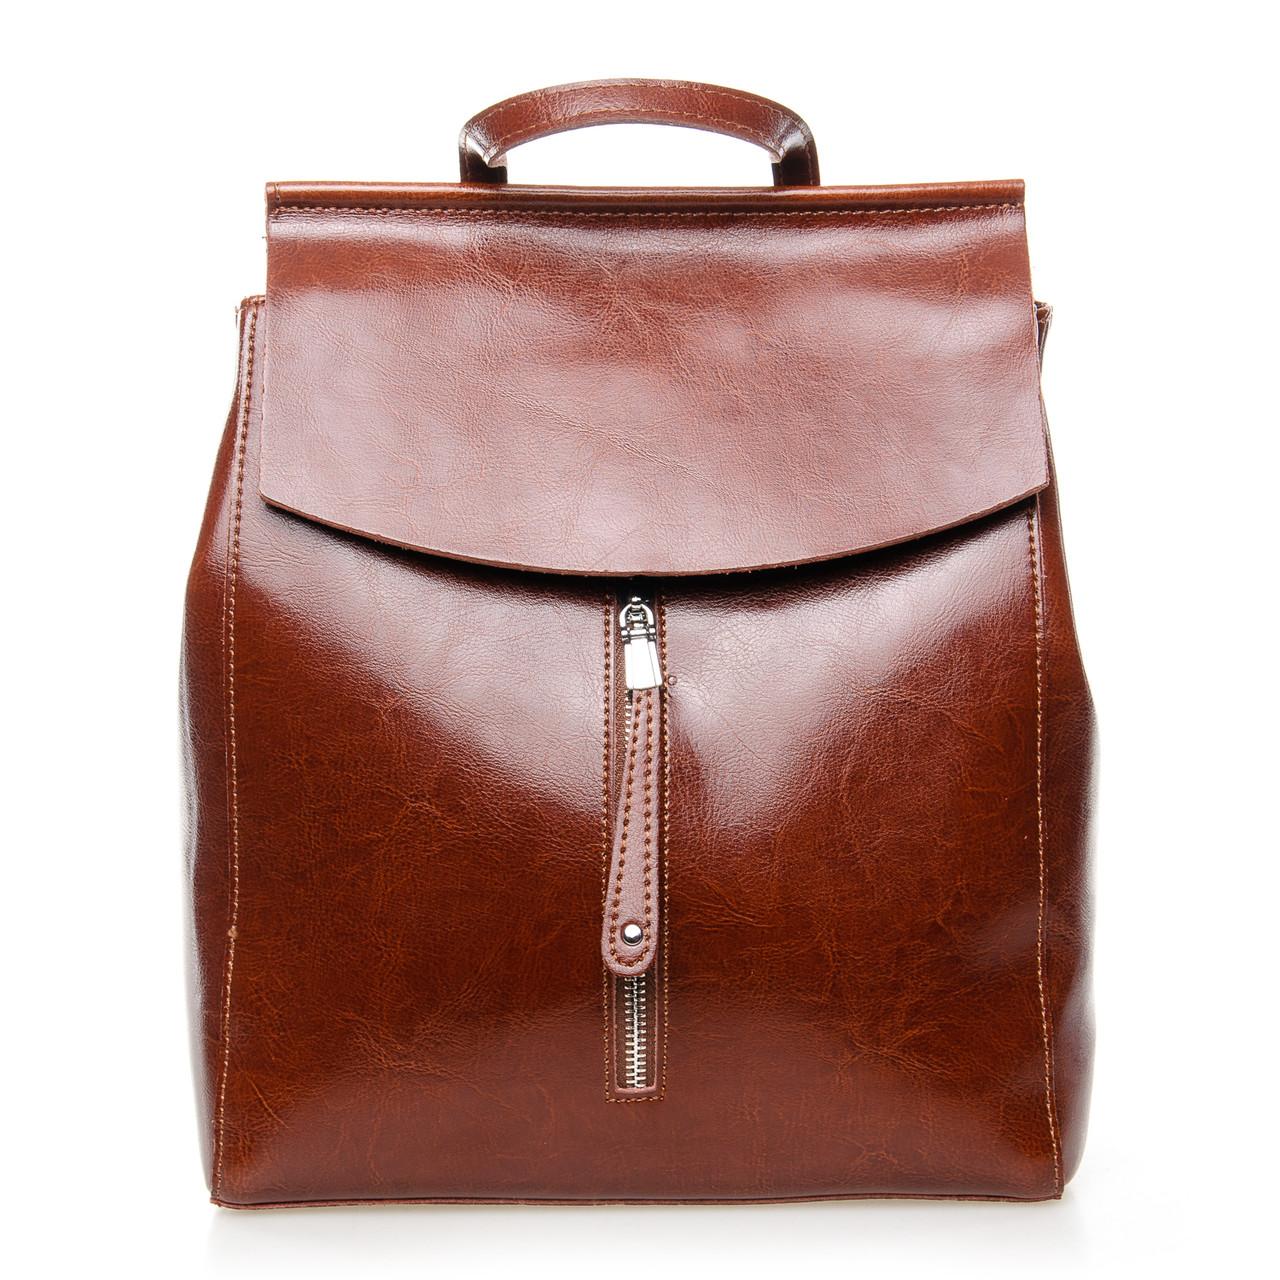 Женский кожаный рюкзак Alex RaI опт/розница